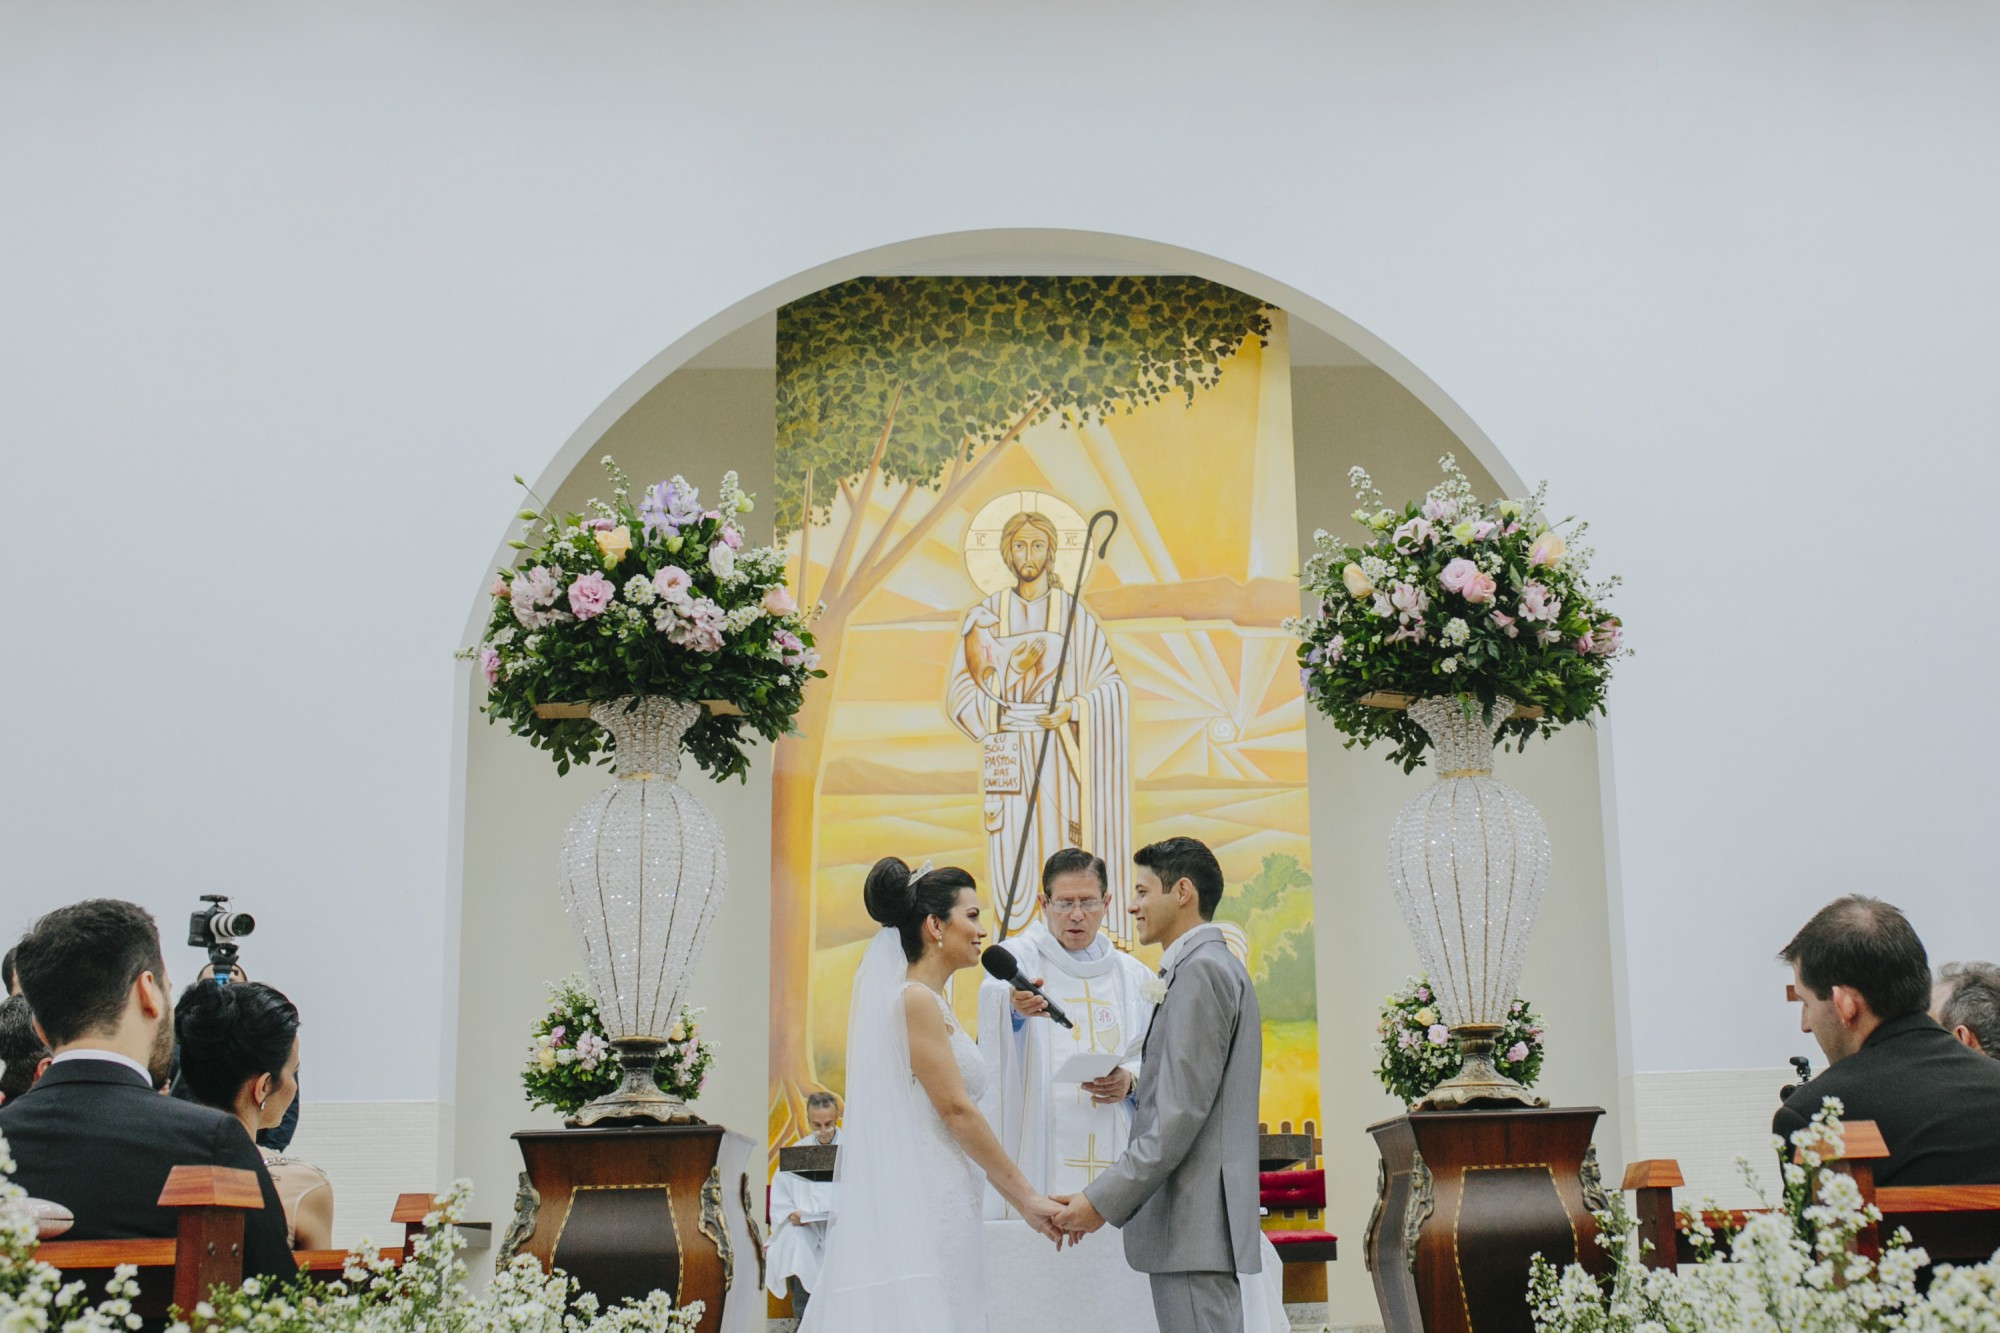 Casamento Camila Rampim e Rafael em Terra Roxa - Paraná - por Lorran Souza e Léia Sotile - fotografos de casamentos - 31